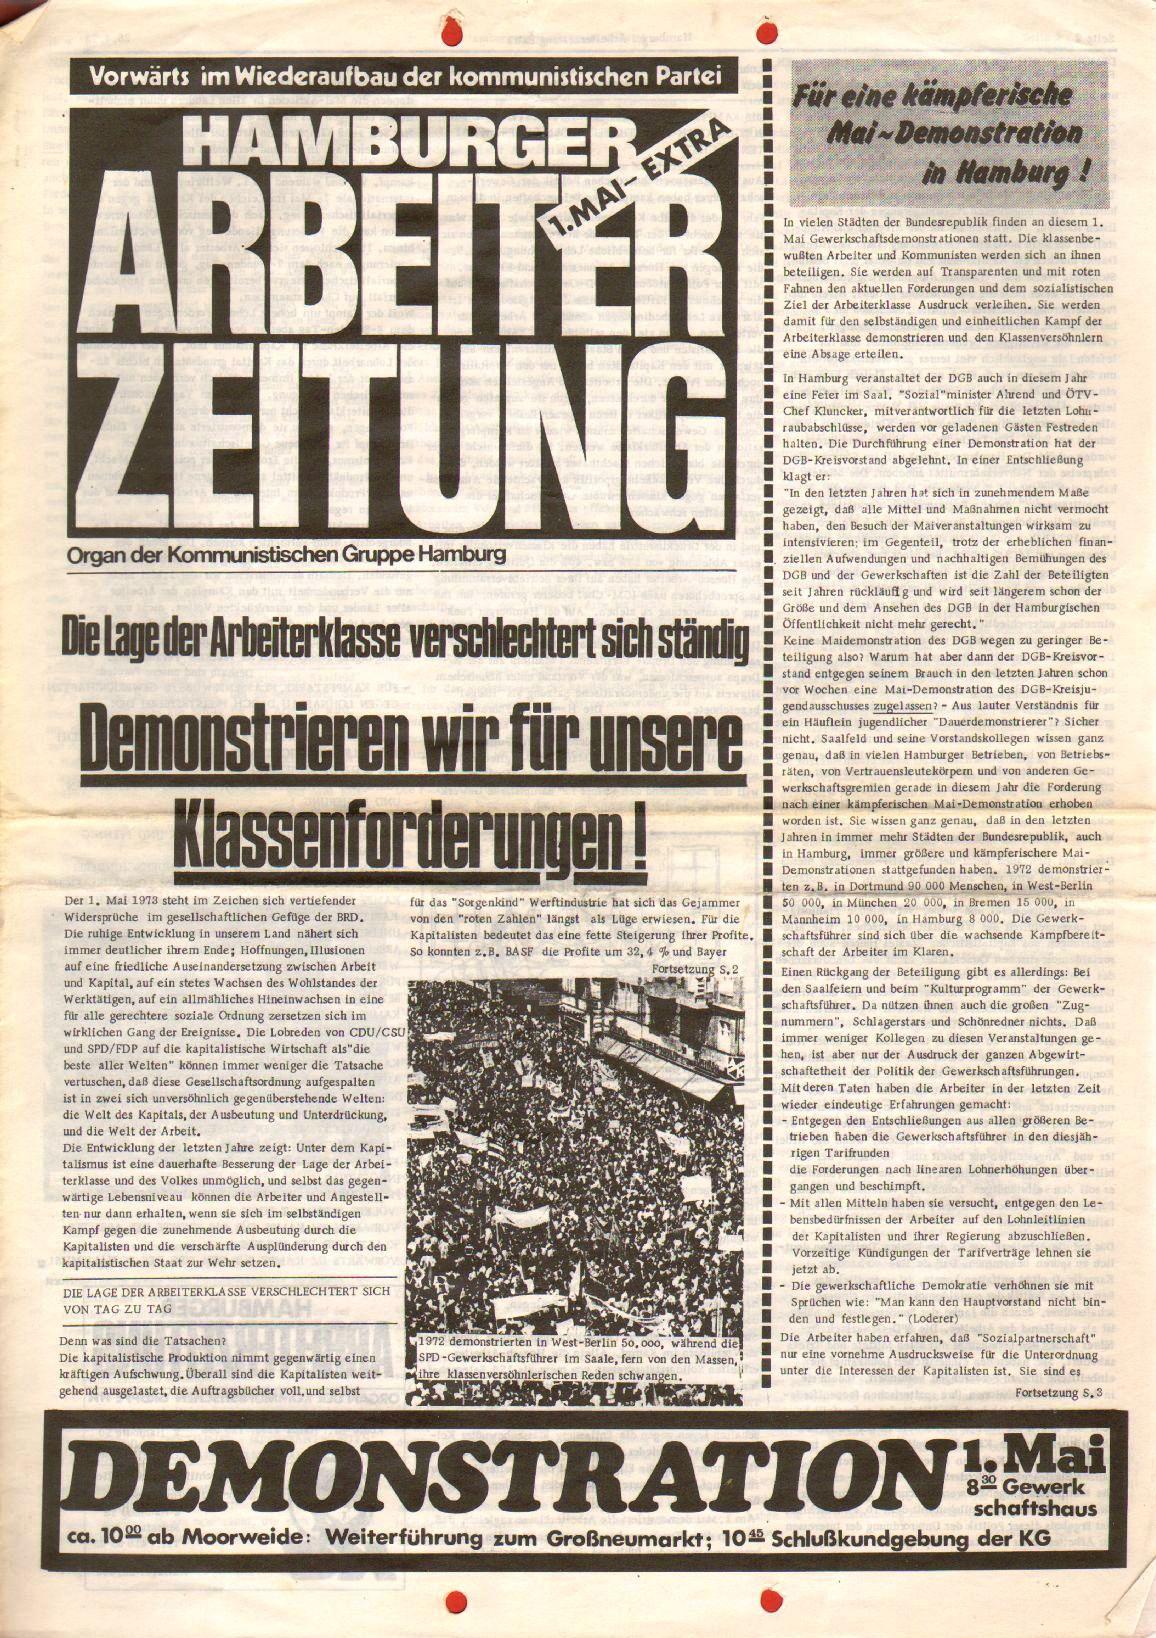 Hamburger_Arbeiterzeitung021